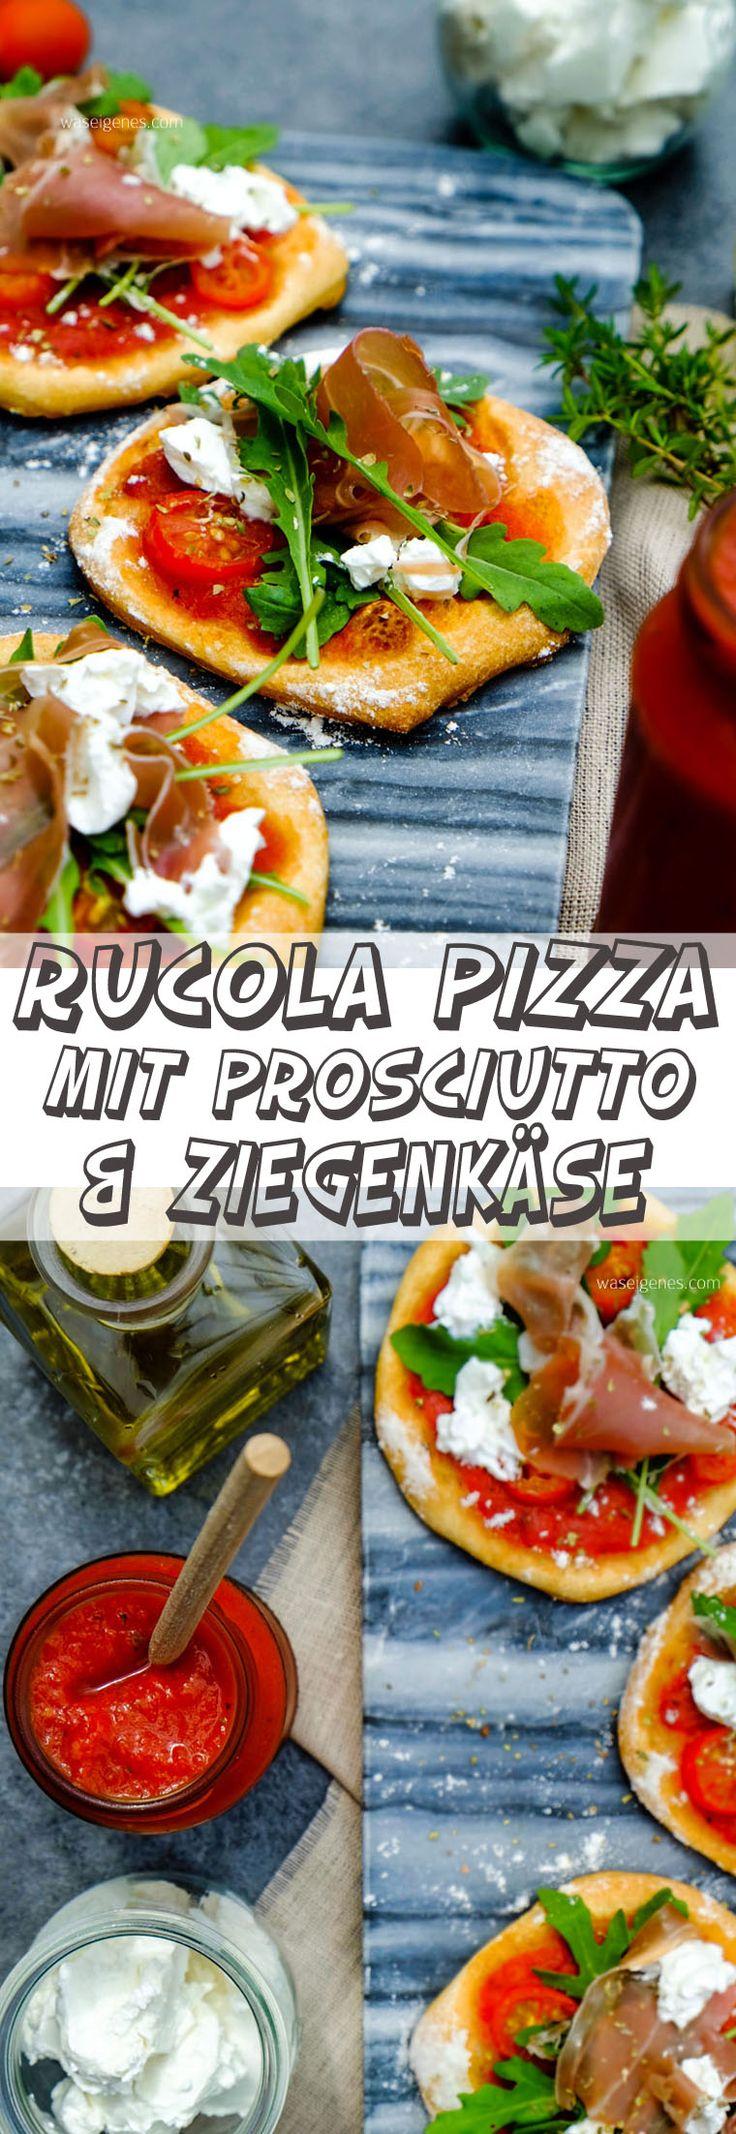 Schnell & einfach Pizza belegen mit Rucola, Prosciutto und Ziegenkäse